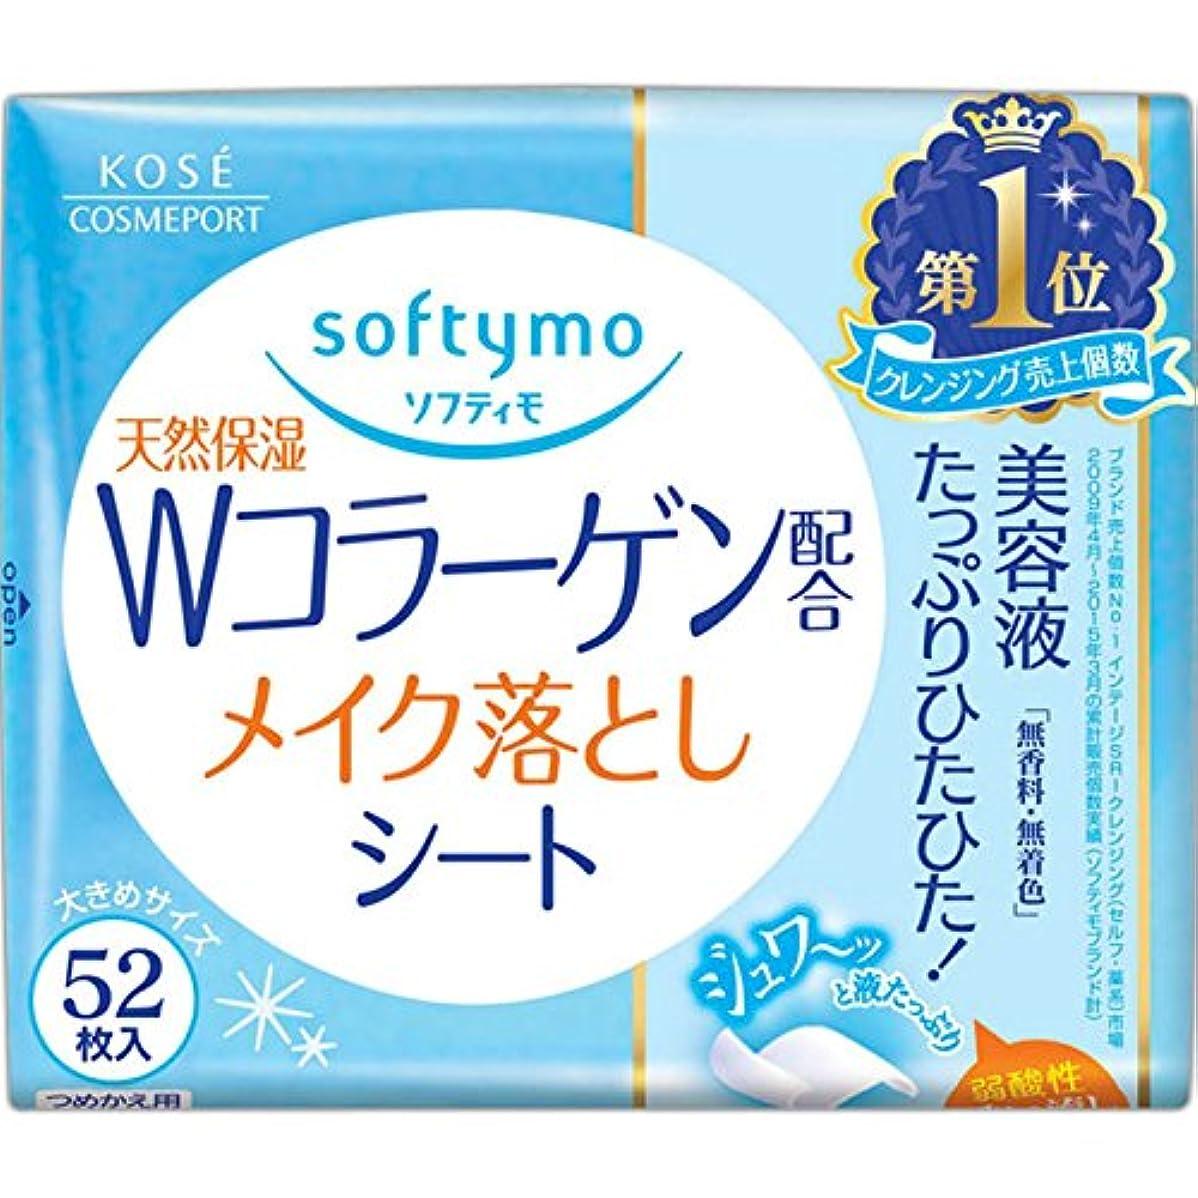 療法わずかにあなたが良くなりますコーセー ソフティモ メイク落としシート(コラーゲン) つめかえ 52枚